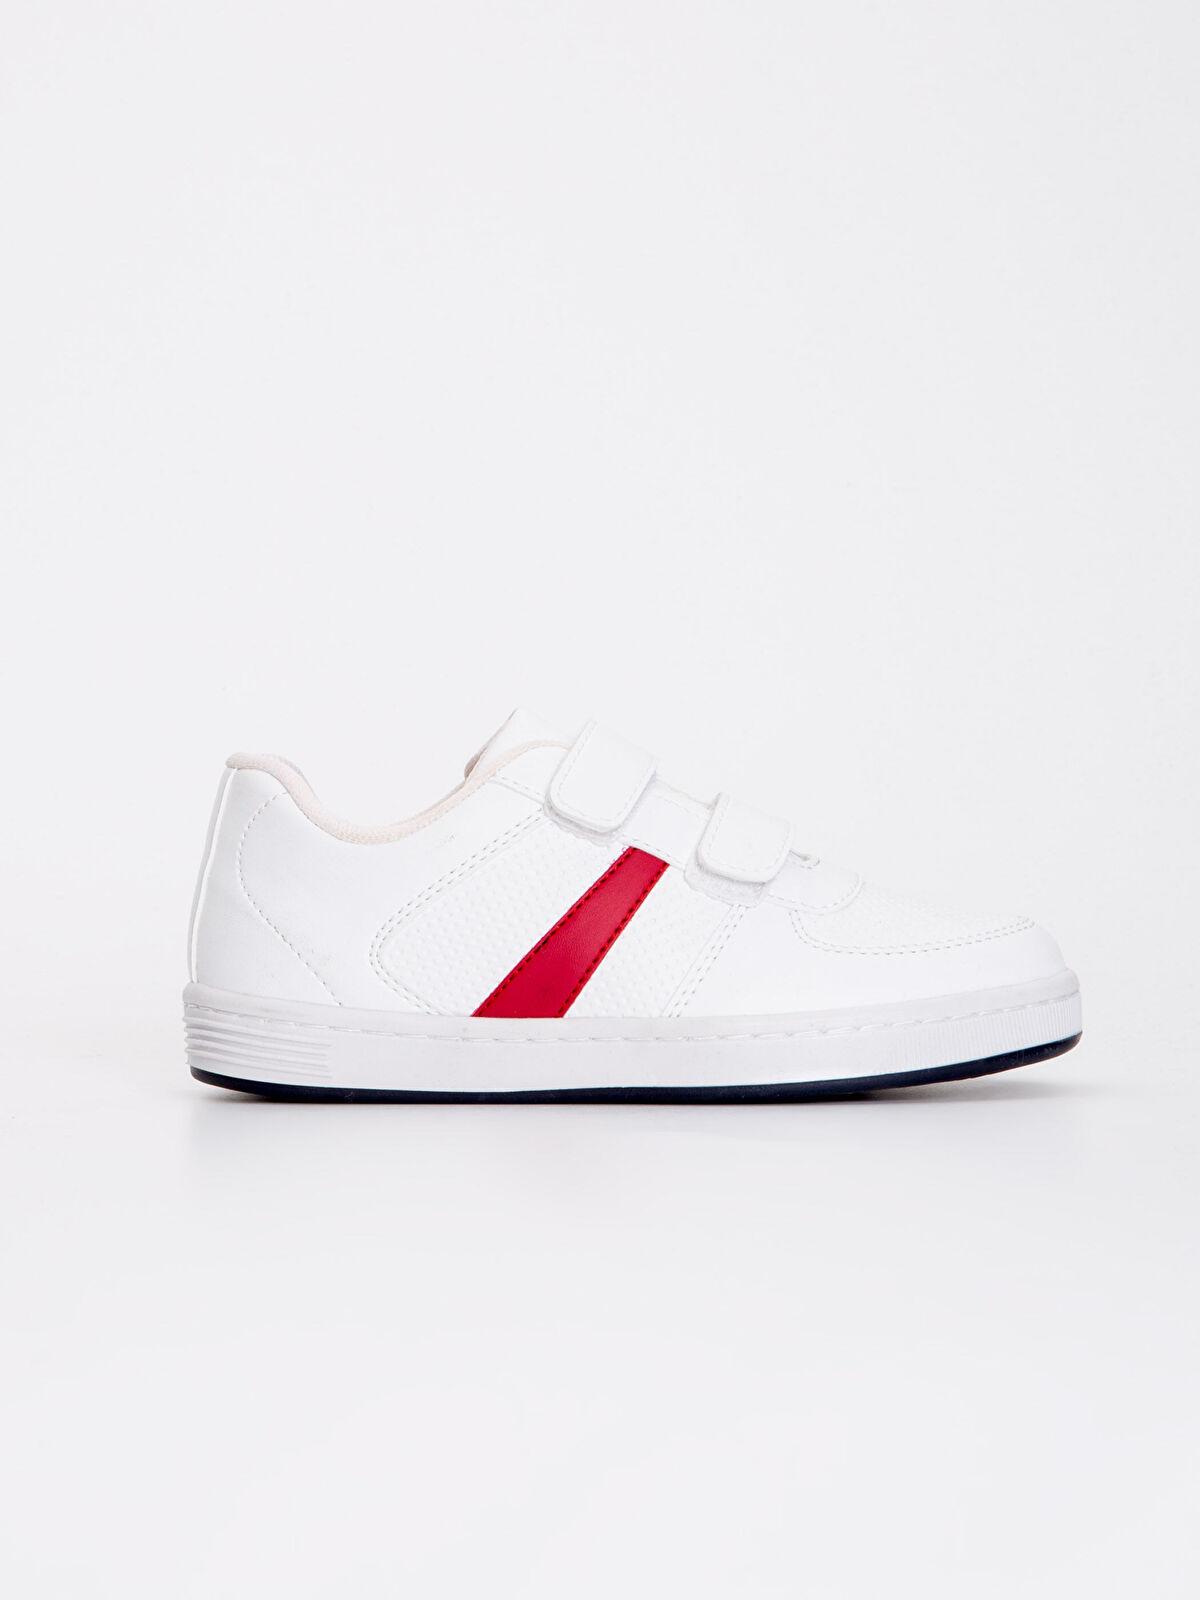 23 Nisan Erkek Çocuk Cırt Cırtlı Spor Ayakkabı - LC WAIKIKI